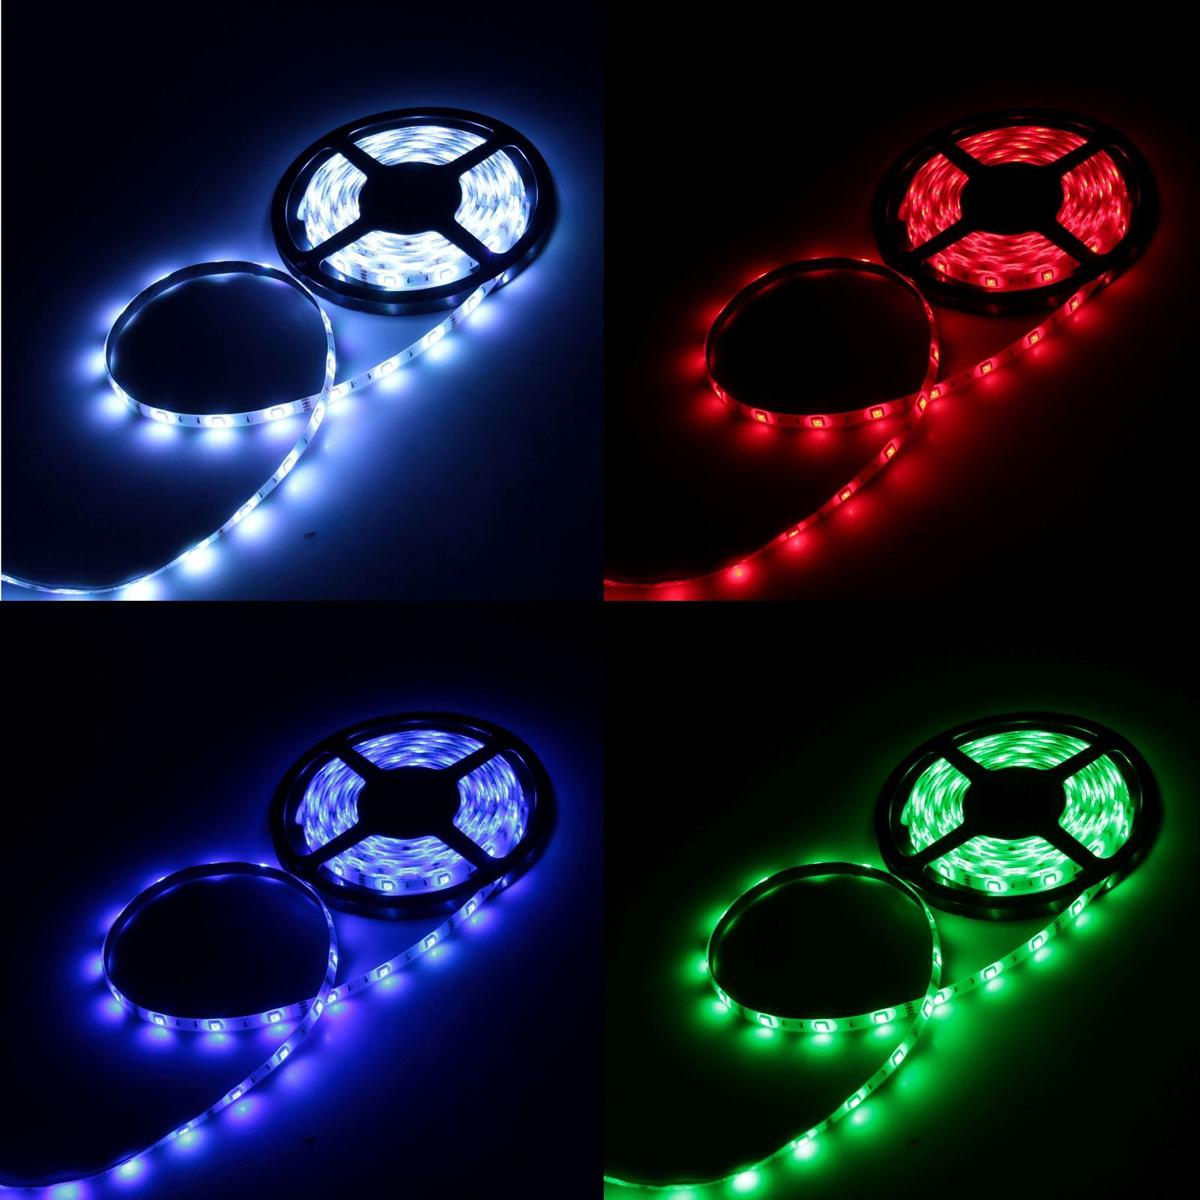 Светодиодная лента Luazon, 12В, SMD5050, длина 5 м, IP65, 30 LED ламп, 7.2 Вт/м, 14-16 Лм/1 LED, DC, цвет: мультиколор883930Светодиодные гирлянды, ленты и т.д — это отличный вариант для новогоднего оформления интерьера или фасада. С их помощью помещение любого размера можно превратить в праздничный зал, а внешние элементы зданий, украшенные ими, мгновенно станут напоминать очертания сказочного дворца. Такие украшения создают ауру предвкушения чуда. Деревья, фасады, витрины, окна и арки будто специально созданы, чтобы вы украсили их светящимися нитями.